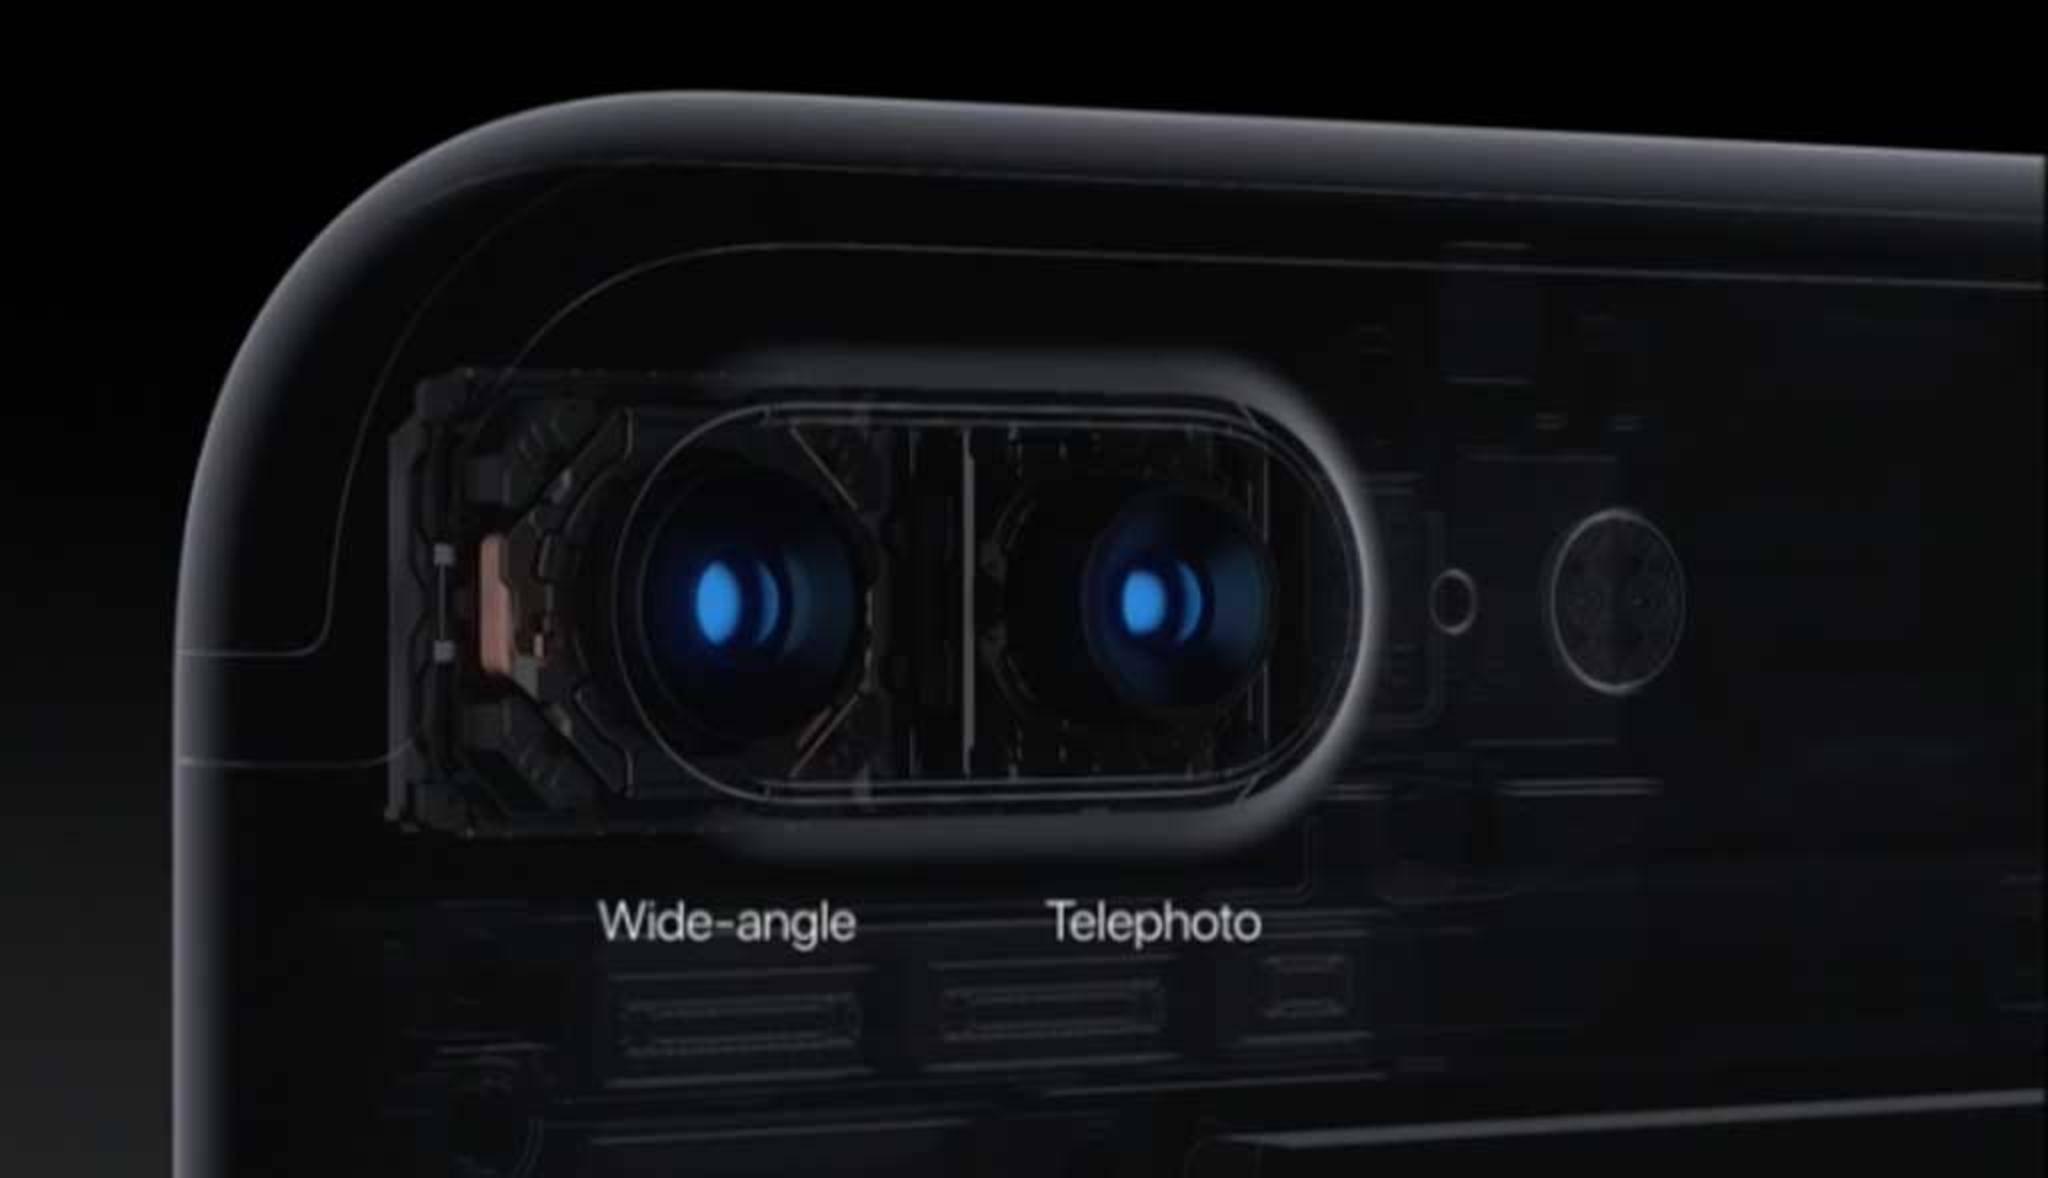 iphone7plus-dualcam.jpg